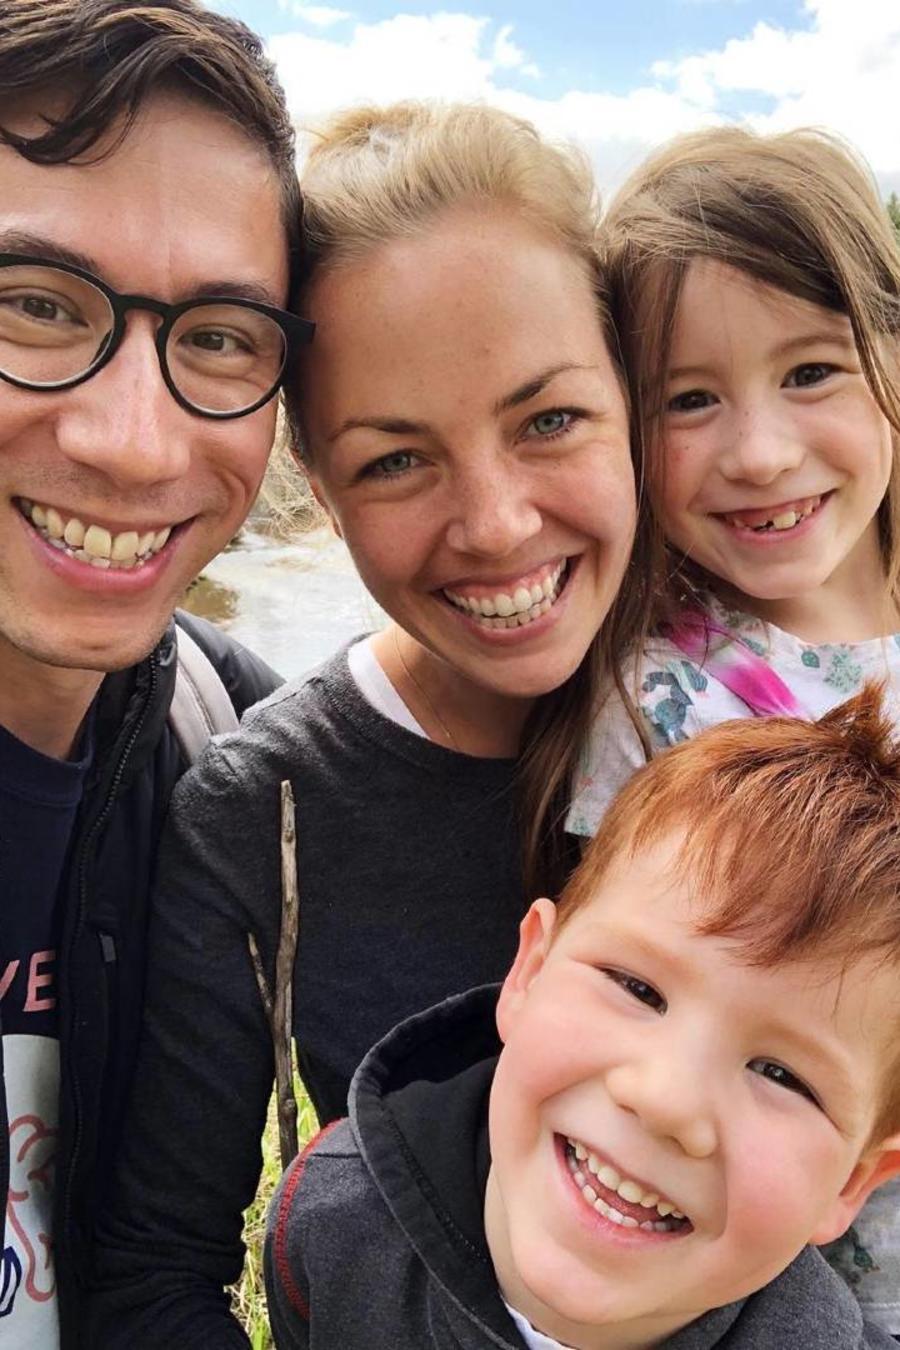 Lauren Kennedy, una mujer con esquizofrenia, con su familia